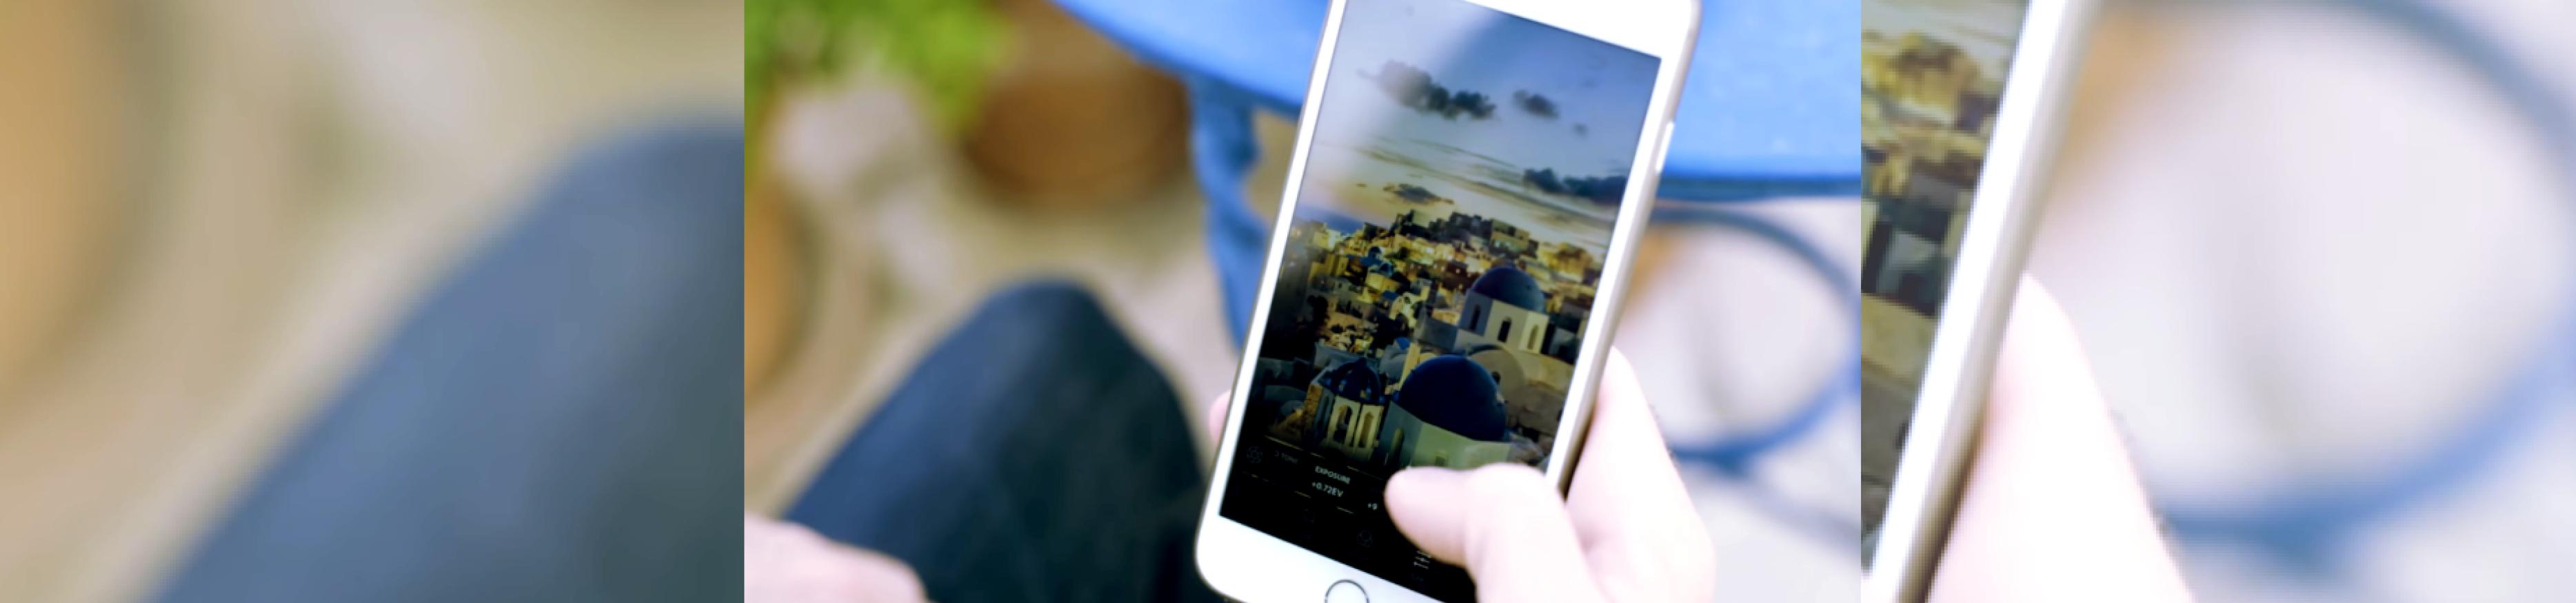 aplicativos-de-edição-de-fotos